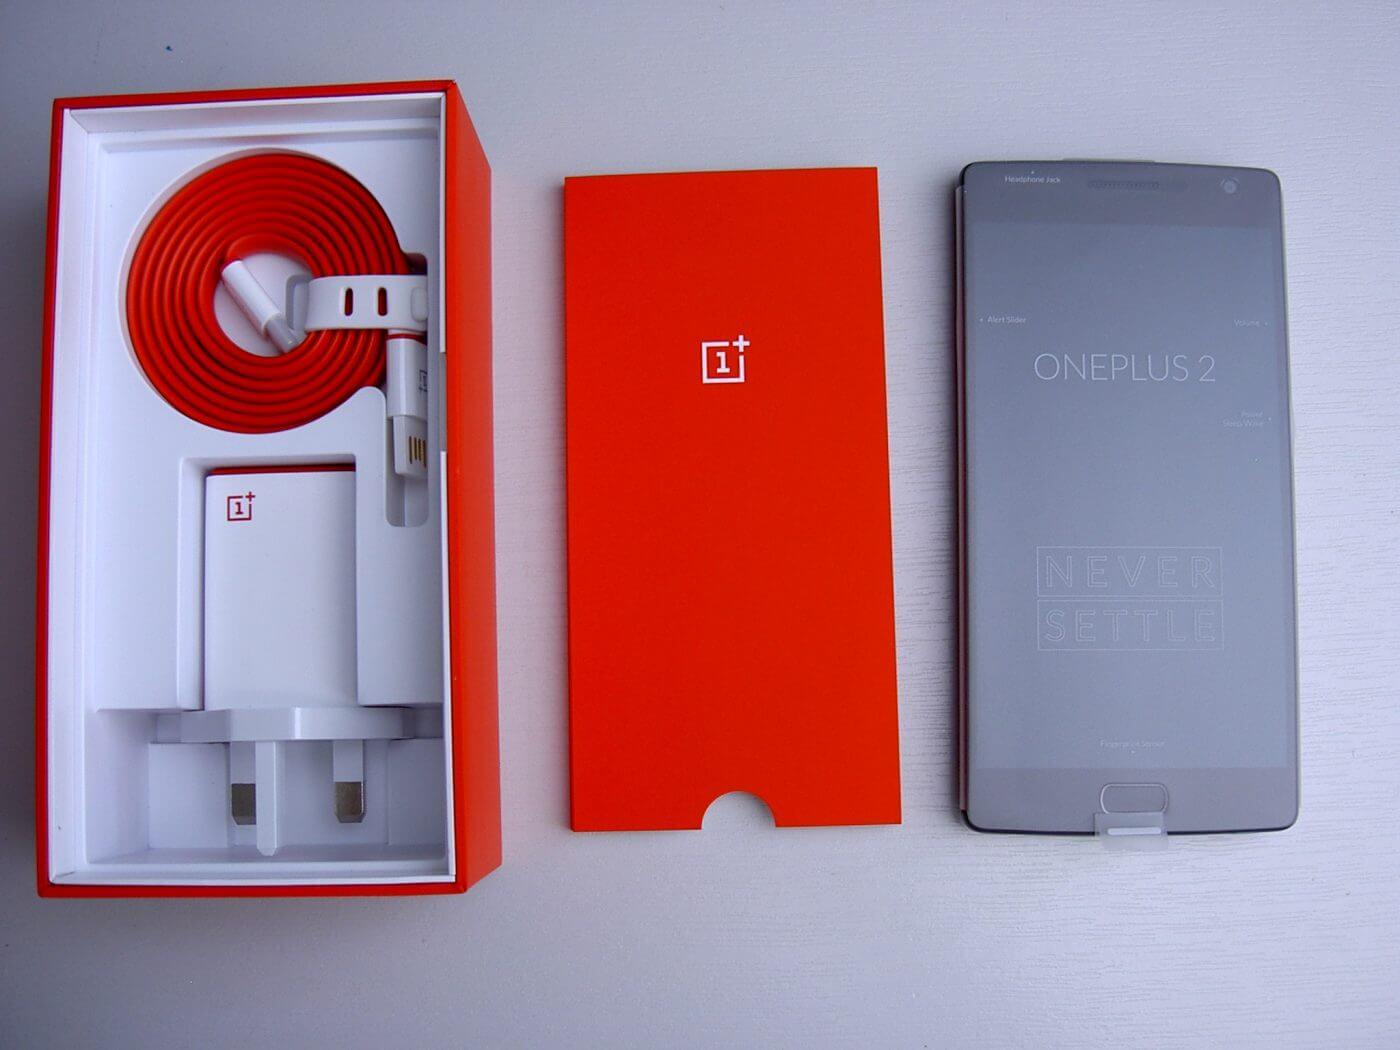 OnePlus 2 under tray